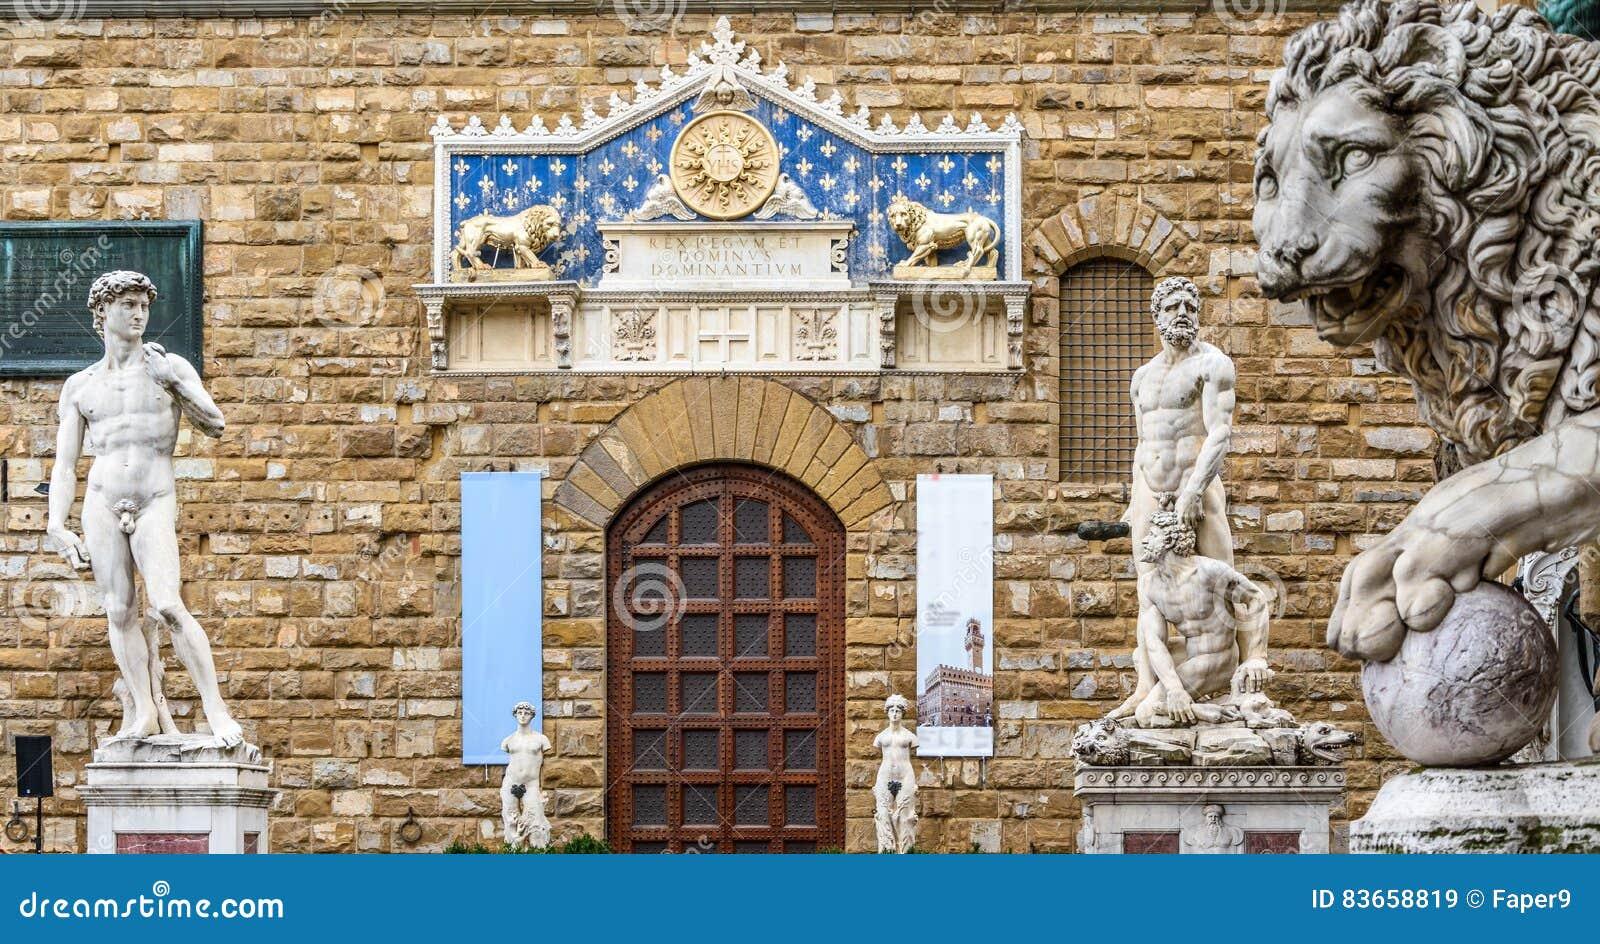 Statues of David and Hercules near Palazzo Vecchio in the Piazza della Signoria.